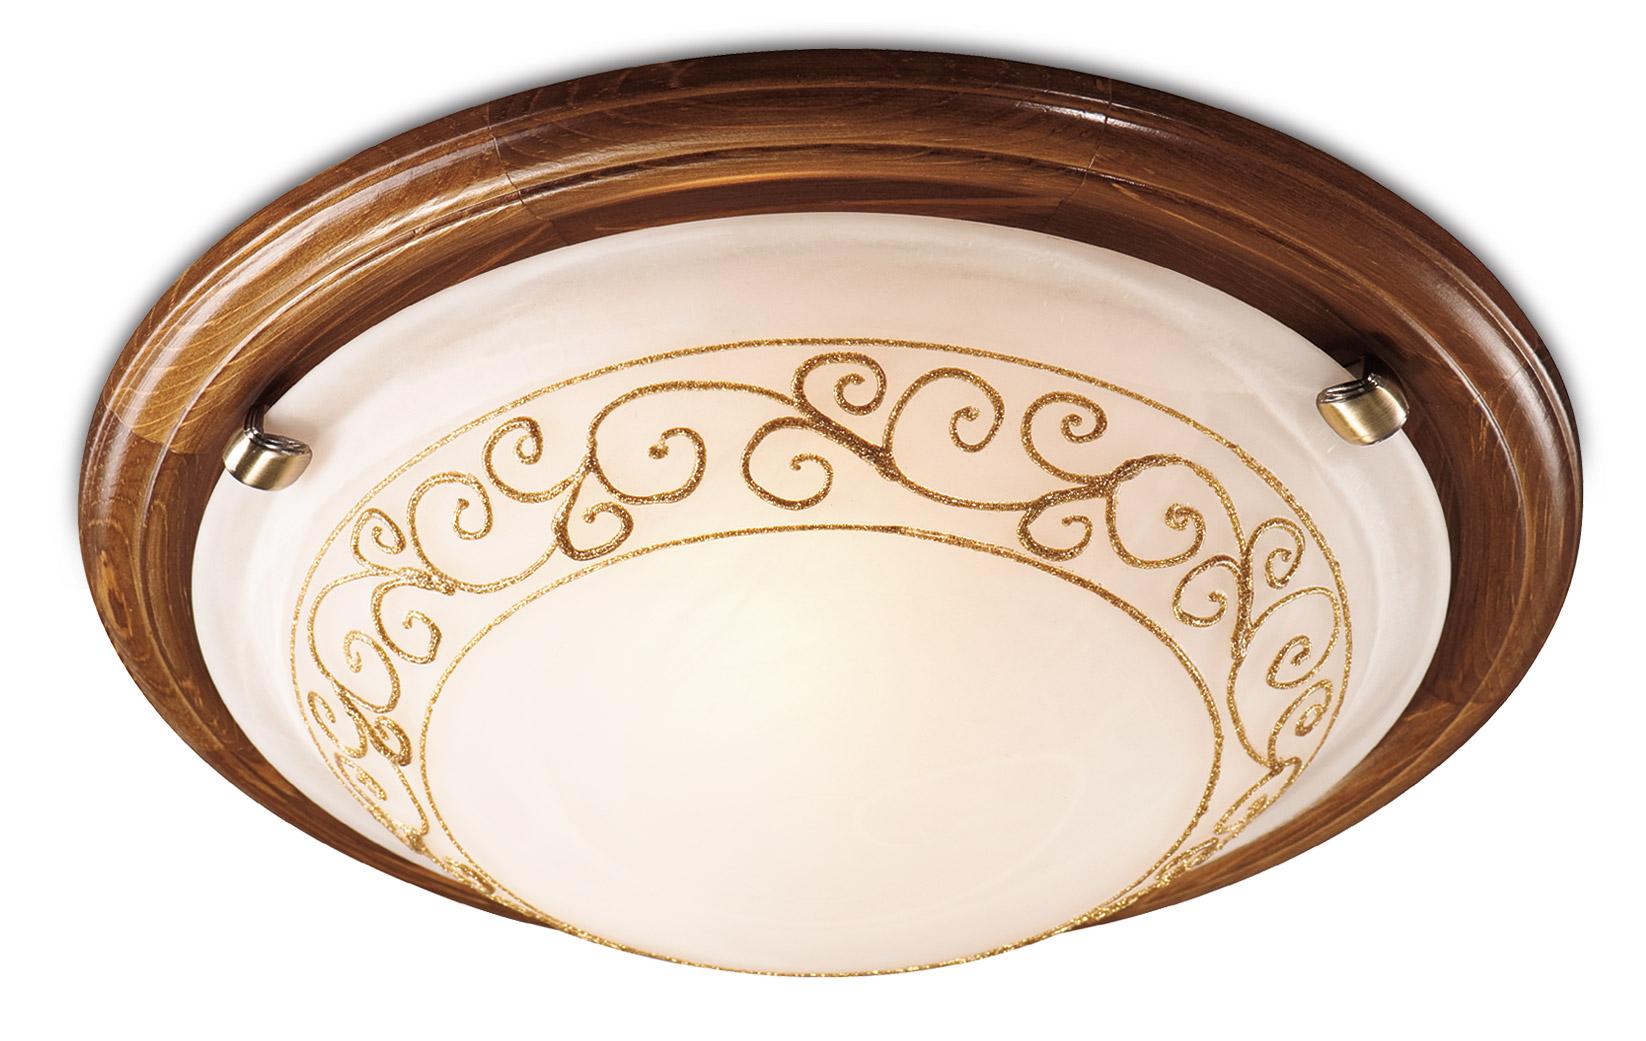 Светильник настенно-потолочный СОНЕКССветильники настенно-потолочные<br>Мощность: 100,<br>Количество ламп: 1,<br>Назначение светильника: для комнаты,<br>Стиль светильника: модерн,<br>Материал светильника: дерево, металл,<br>Тип лампы: накаливания,<br>Диаметр: 360,<br>Патрон: Е27,<br>Цвет арматуры: бронза<br>